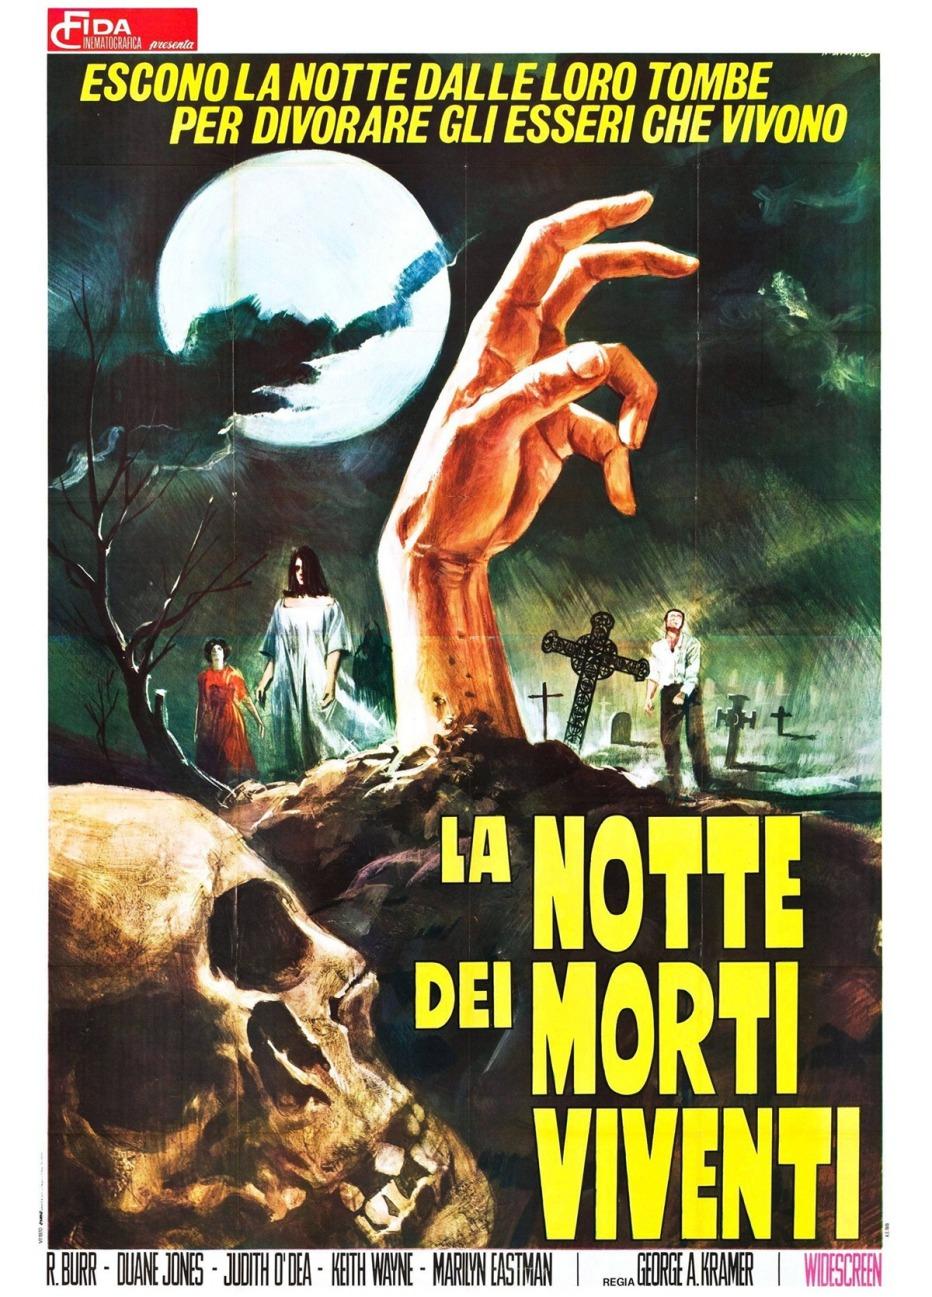 la-notte-dei-morti-viventi-night-of-living-dead-1968-george-a-romero-35.jpg